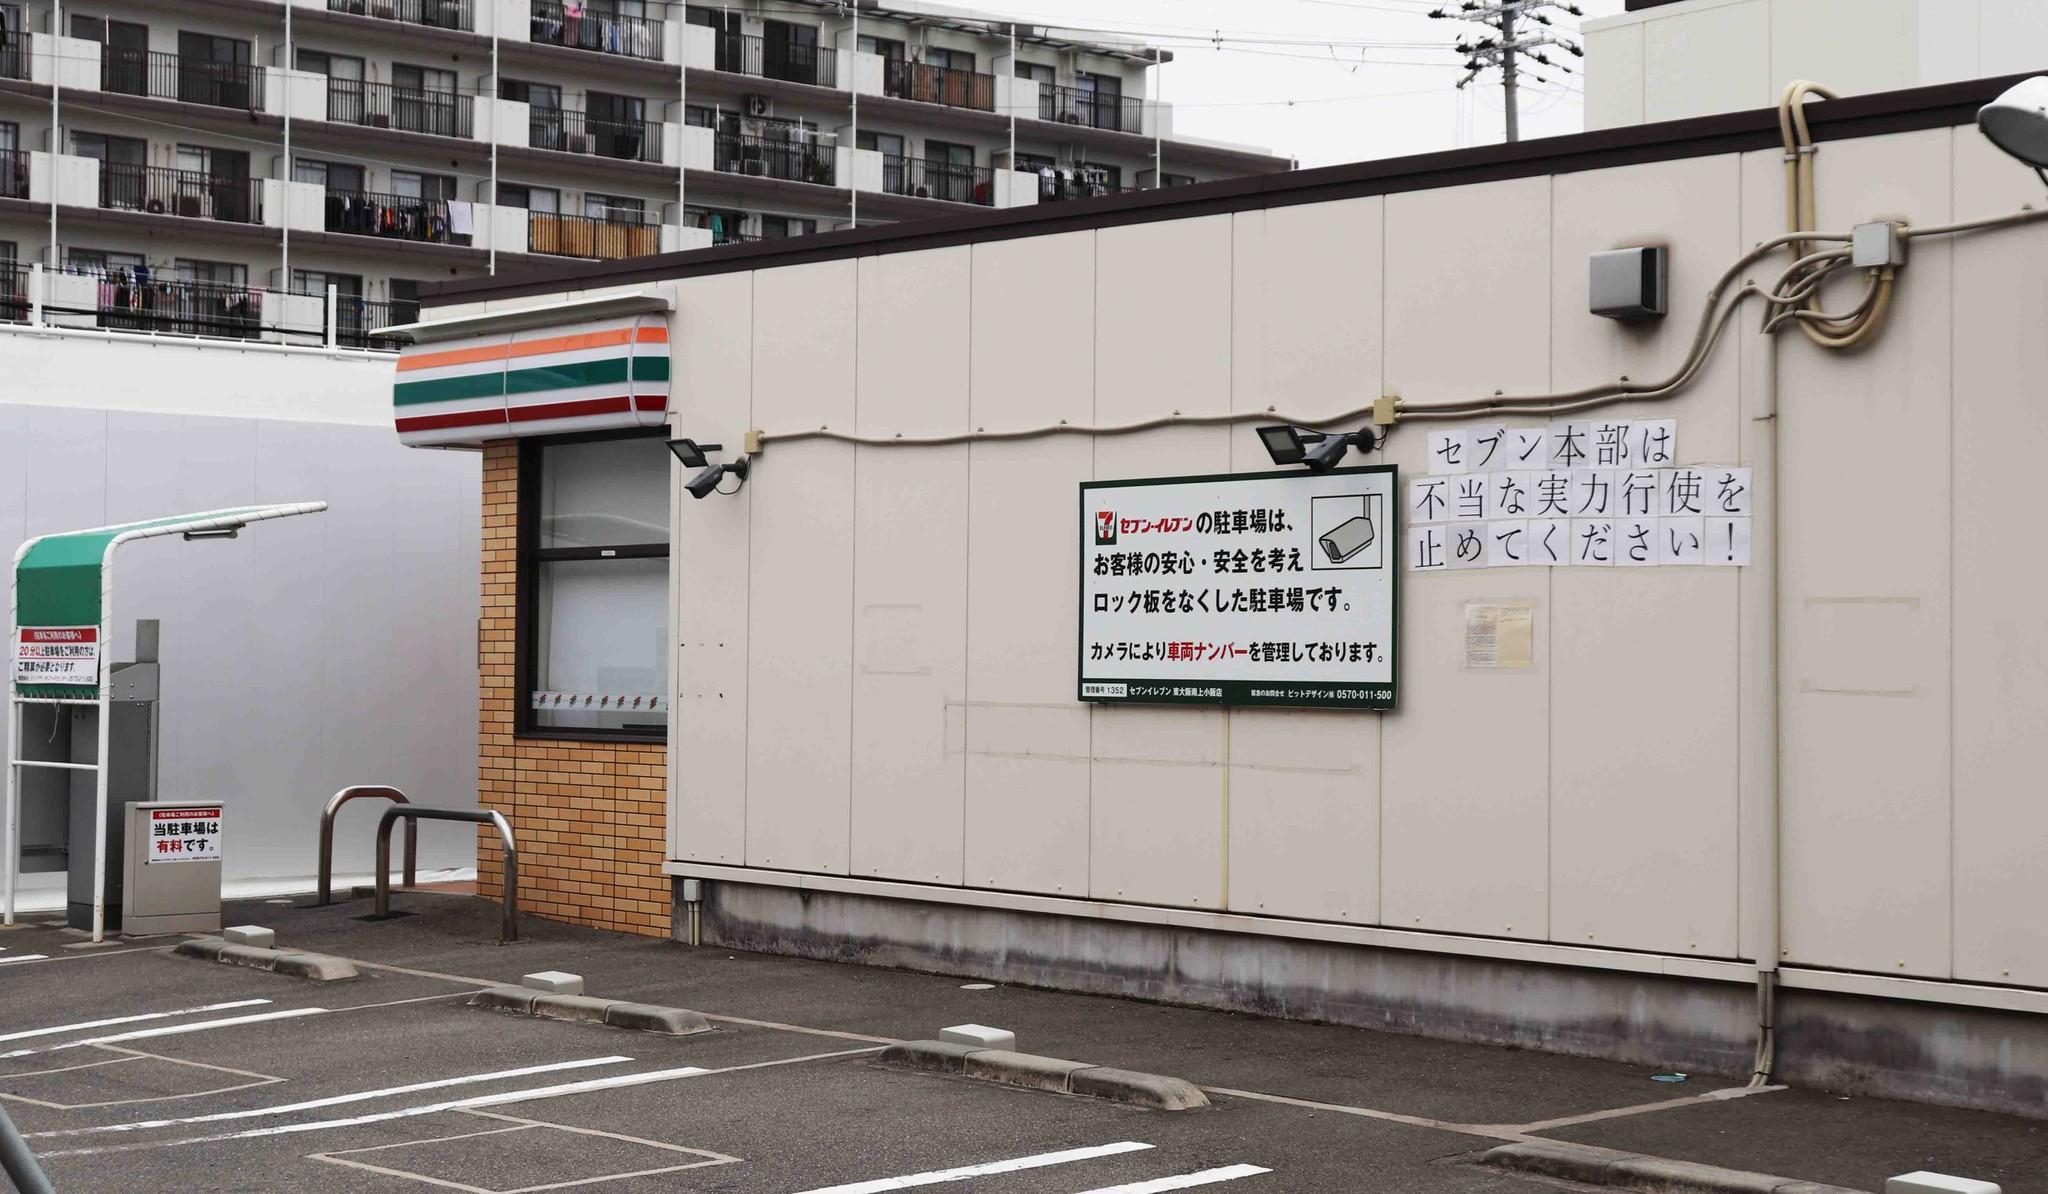 未払い セブン 東 大阪 給料 セブン残業代未払い、18年前に指摘 店主「あきれる」:朝日新聞デジタル